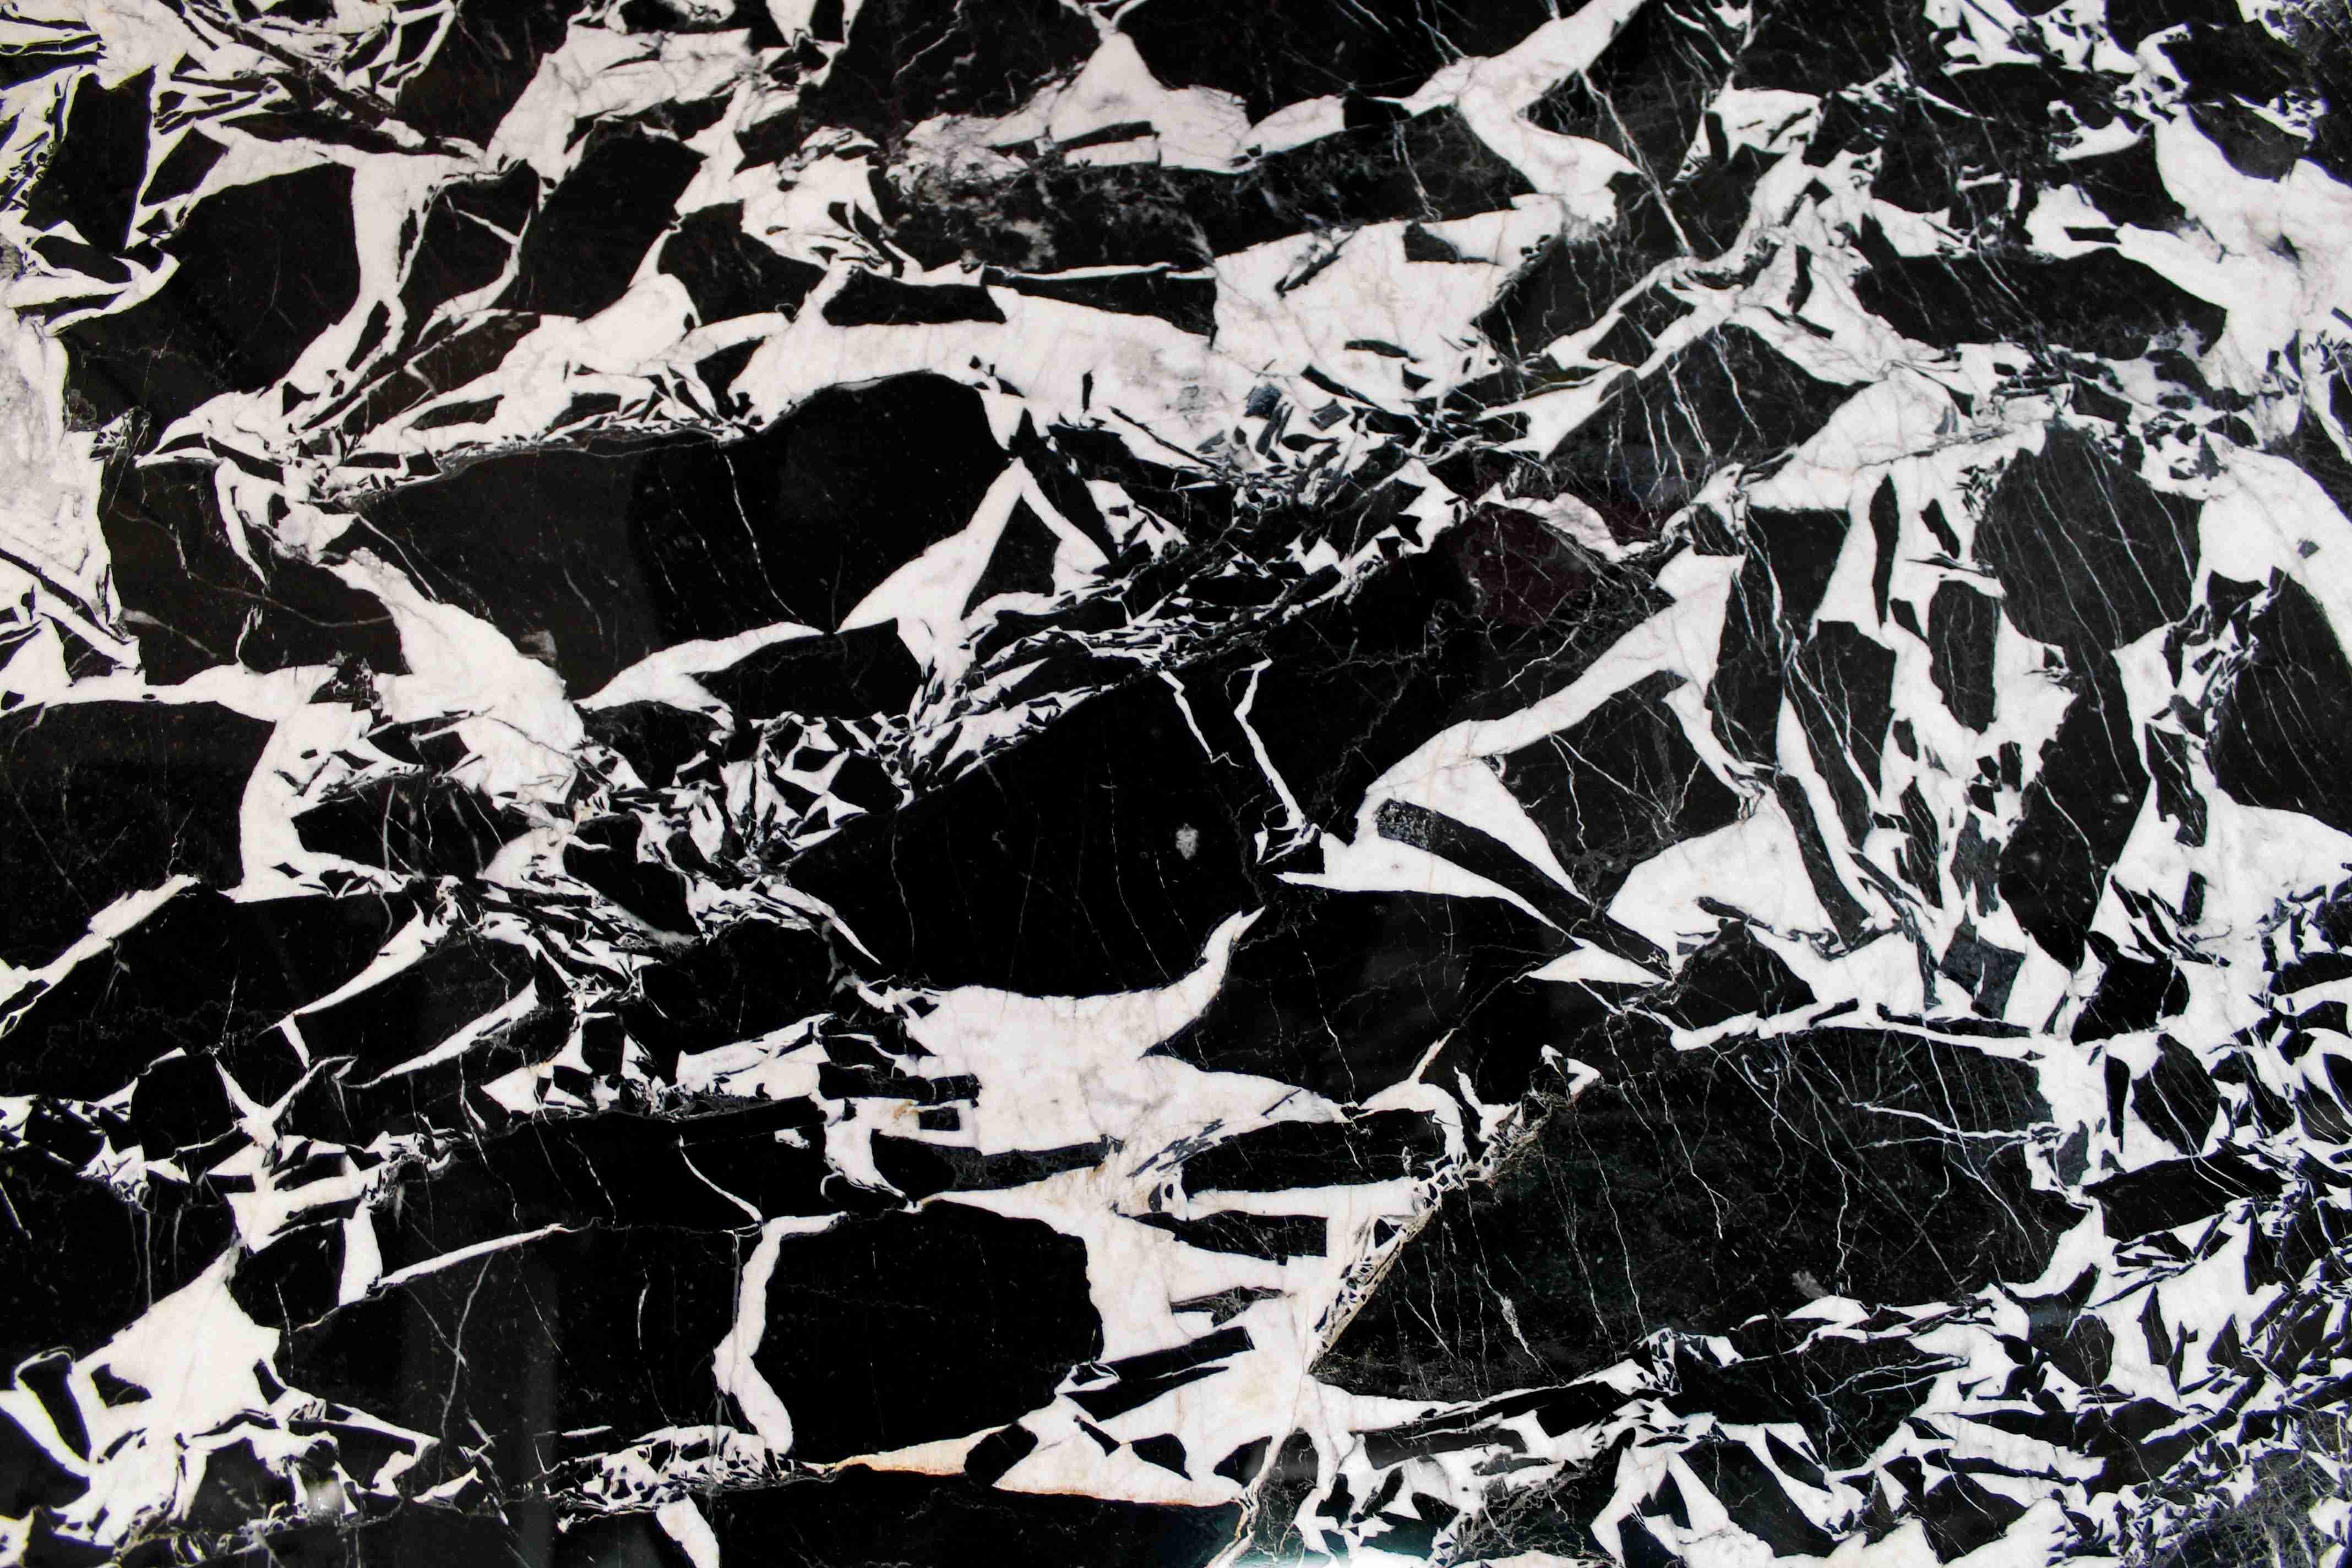 Пресс-релиз выставки Индустрия камня